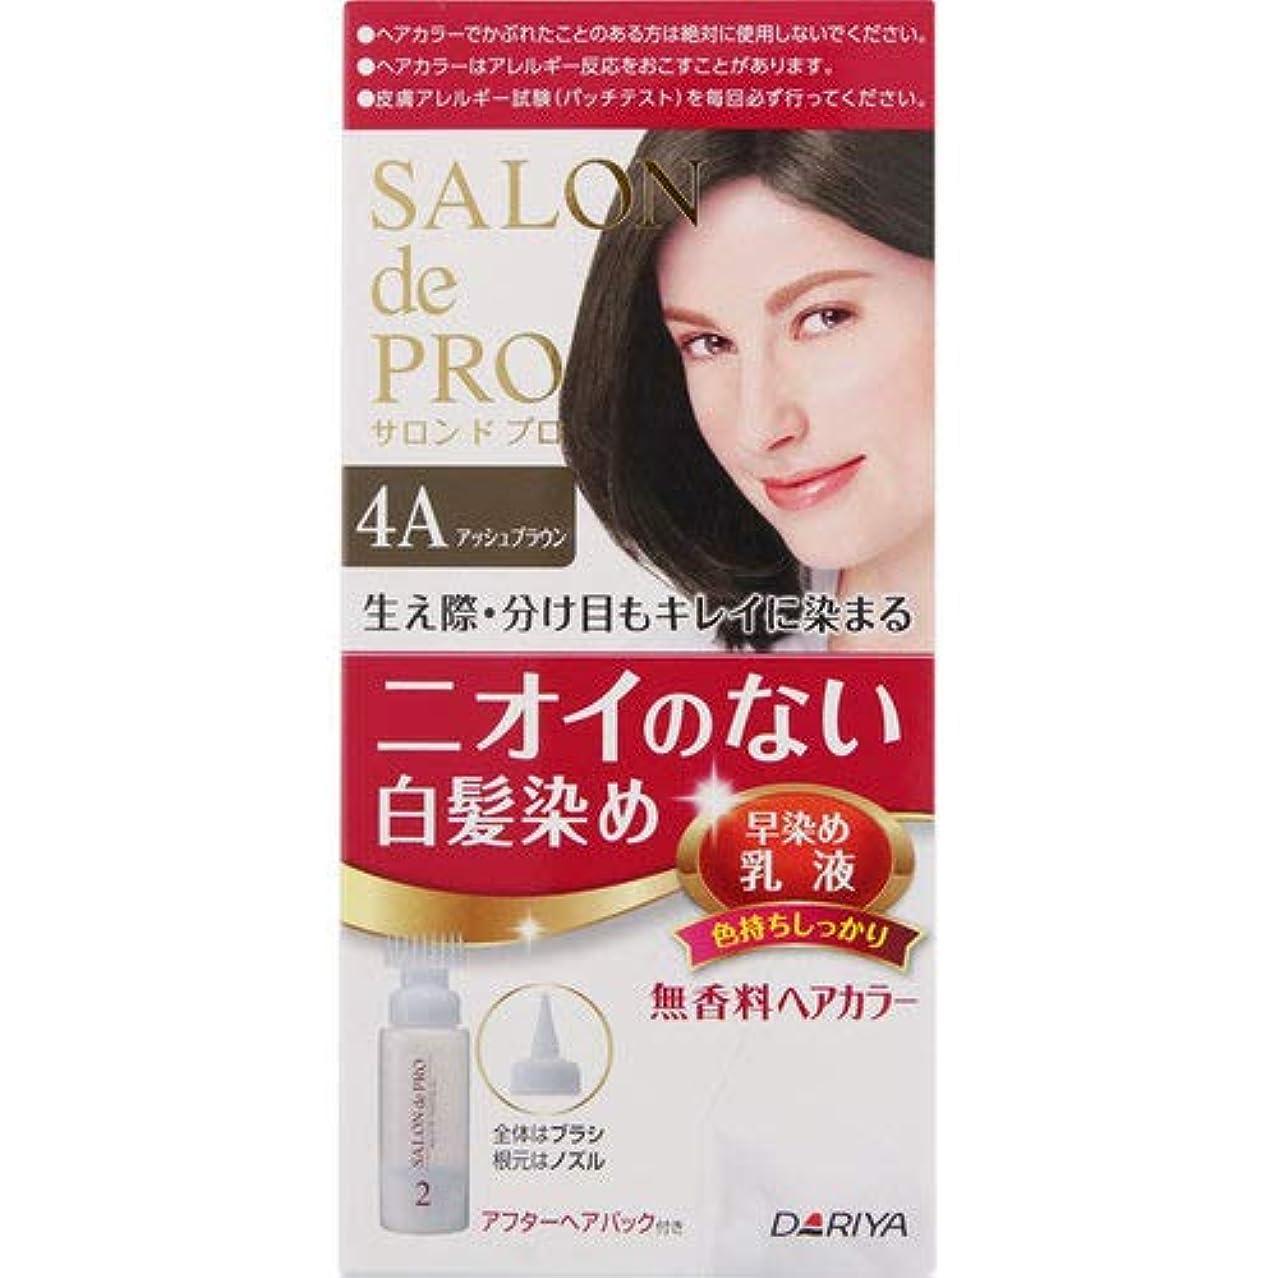 サロンドプロ無香料ヘアカラー早染め乳液4A(アッシュブラウン)